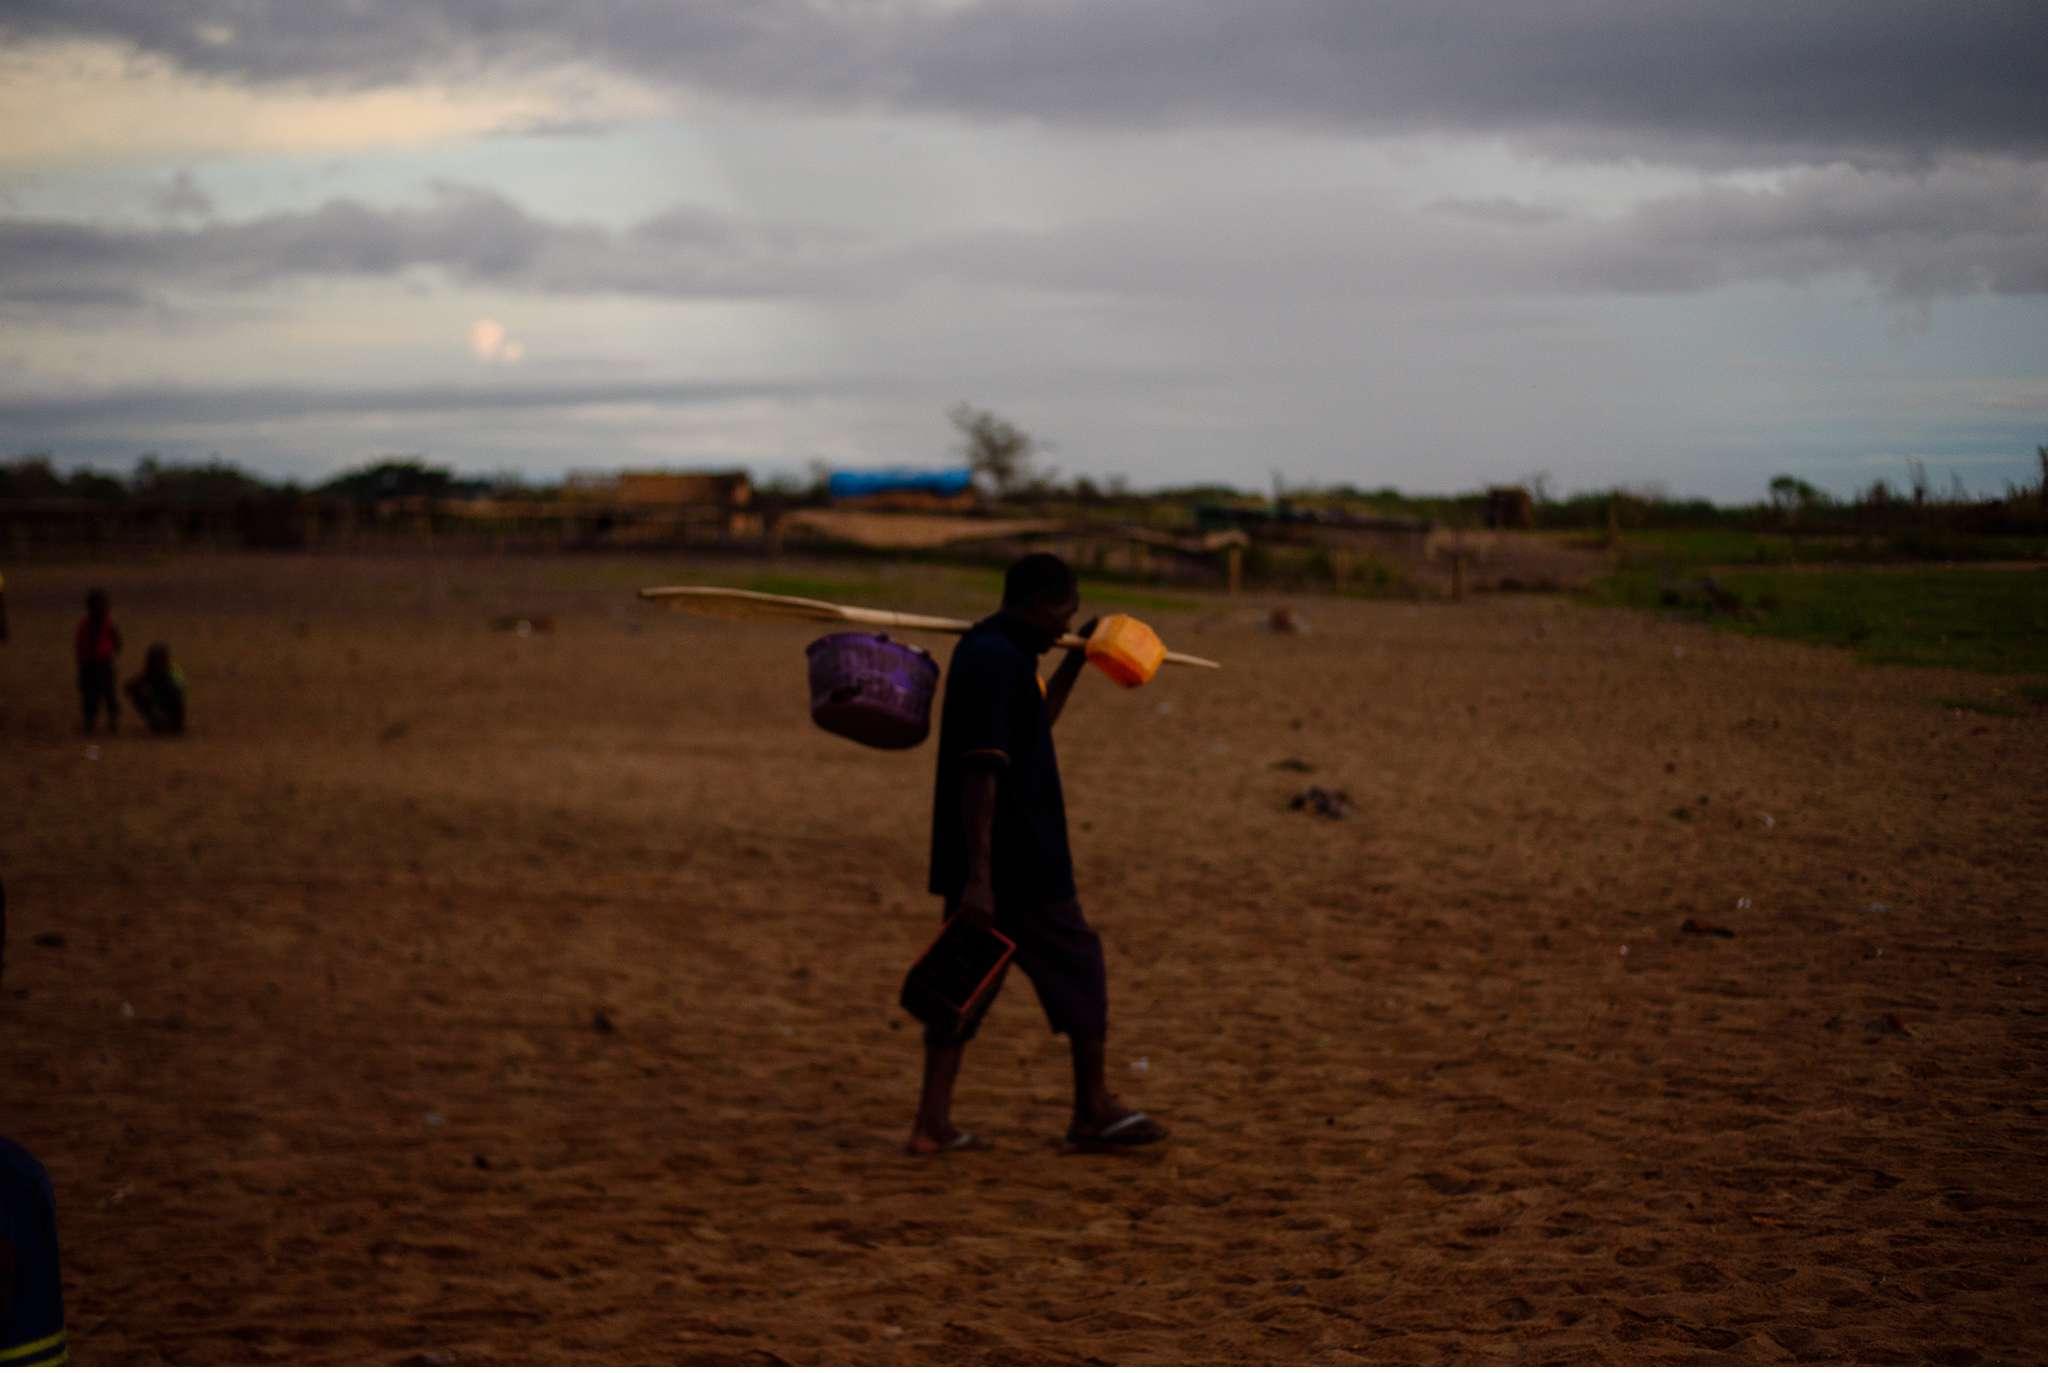 Malawi-Quer durch Afrika- Geschichten von unterwegs by Marion and Daniel-98